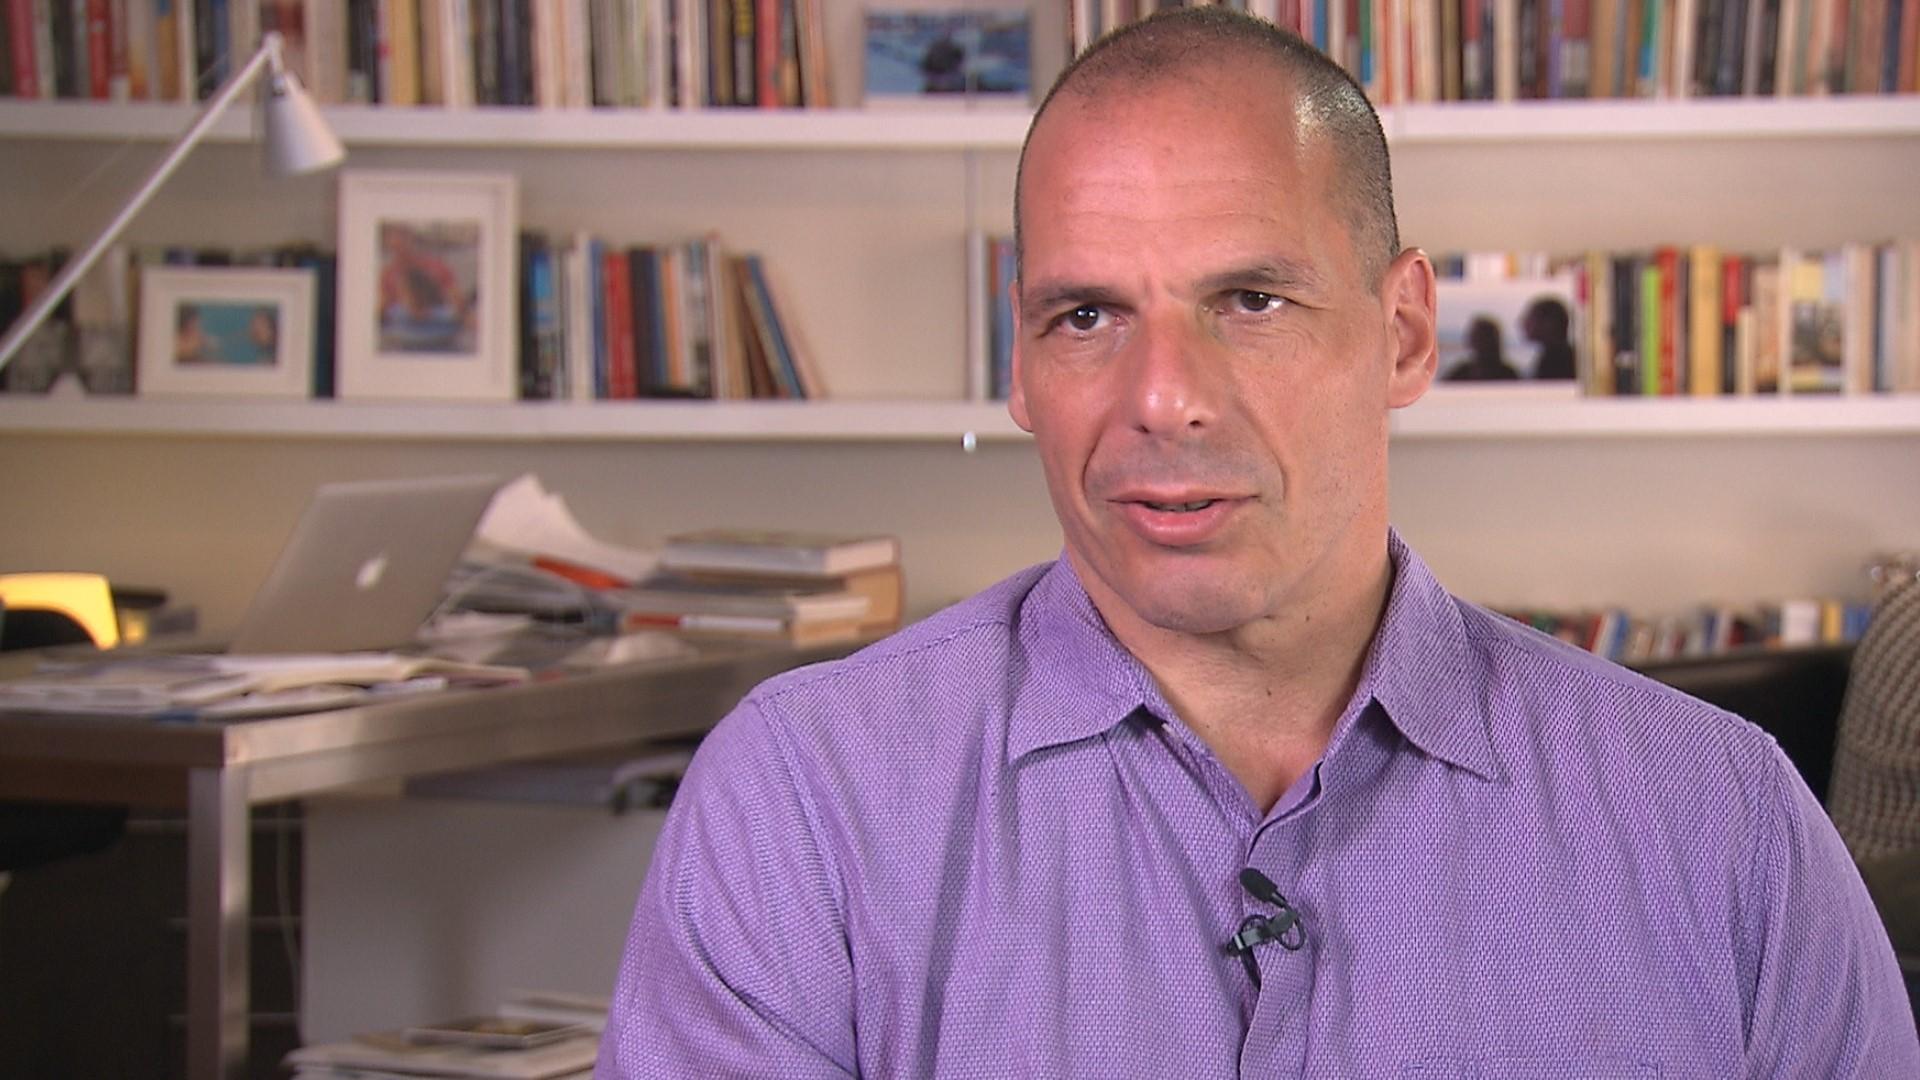 Griechenlands ex-Finanzminister Yanis Varoufakis im Interview, 2015.